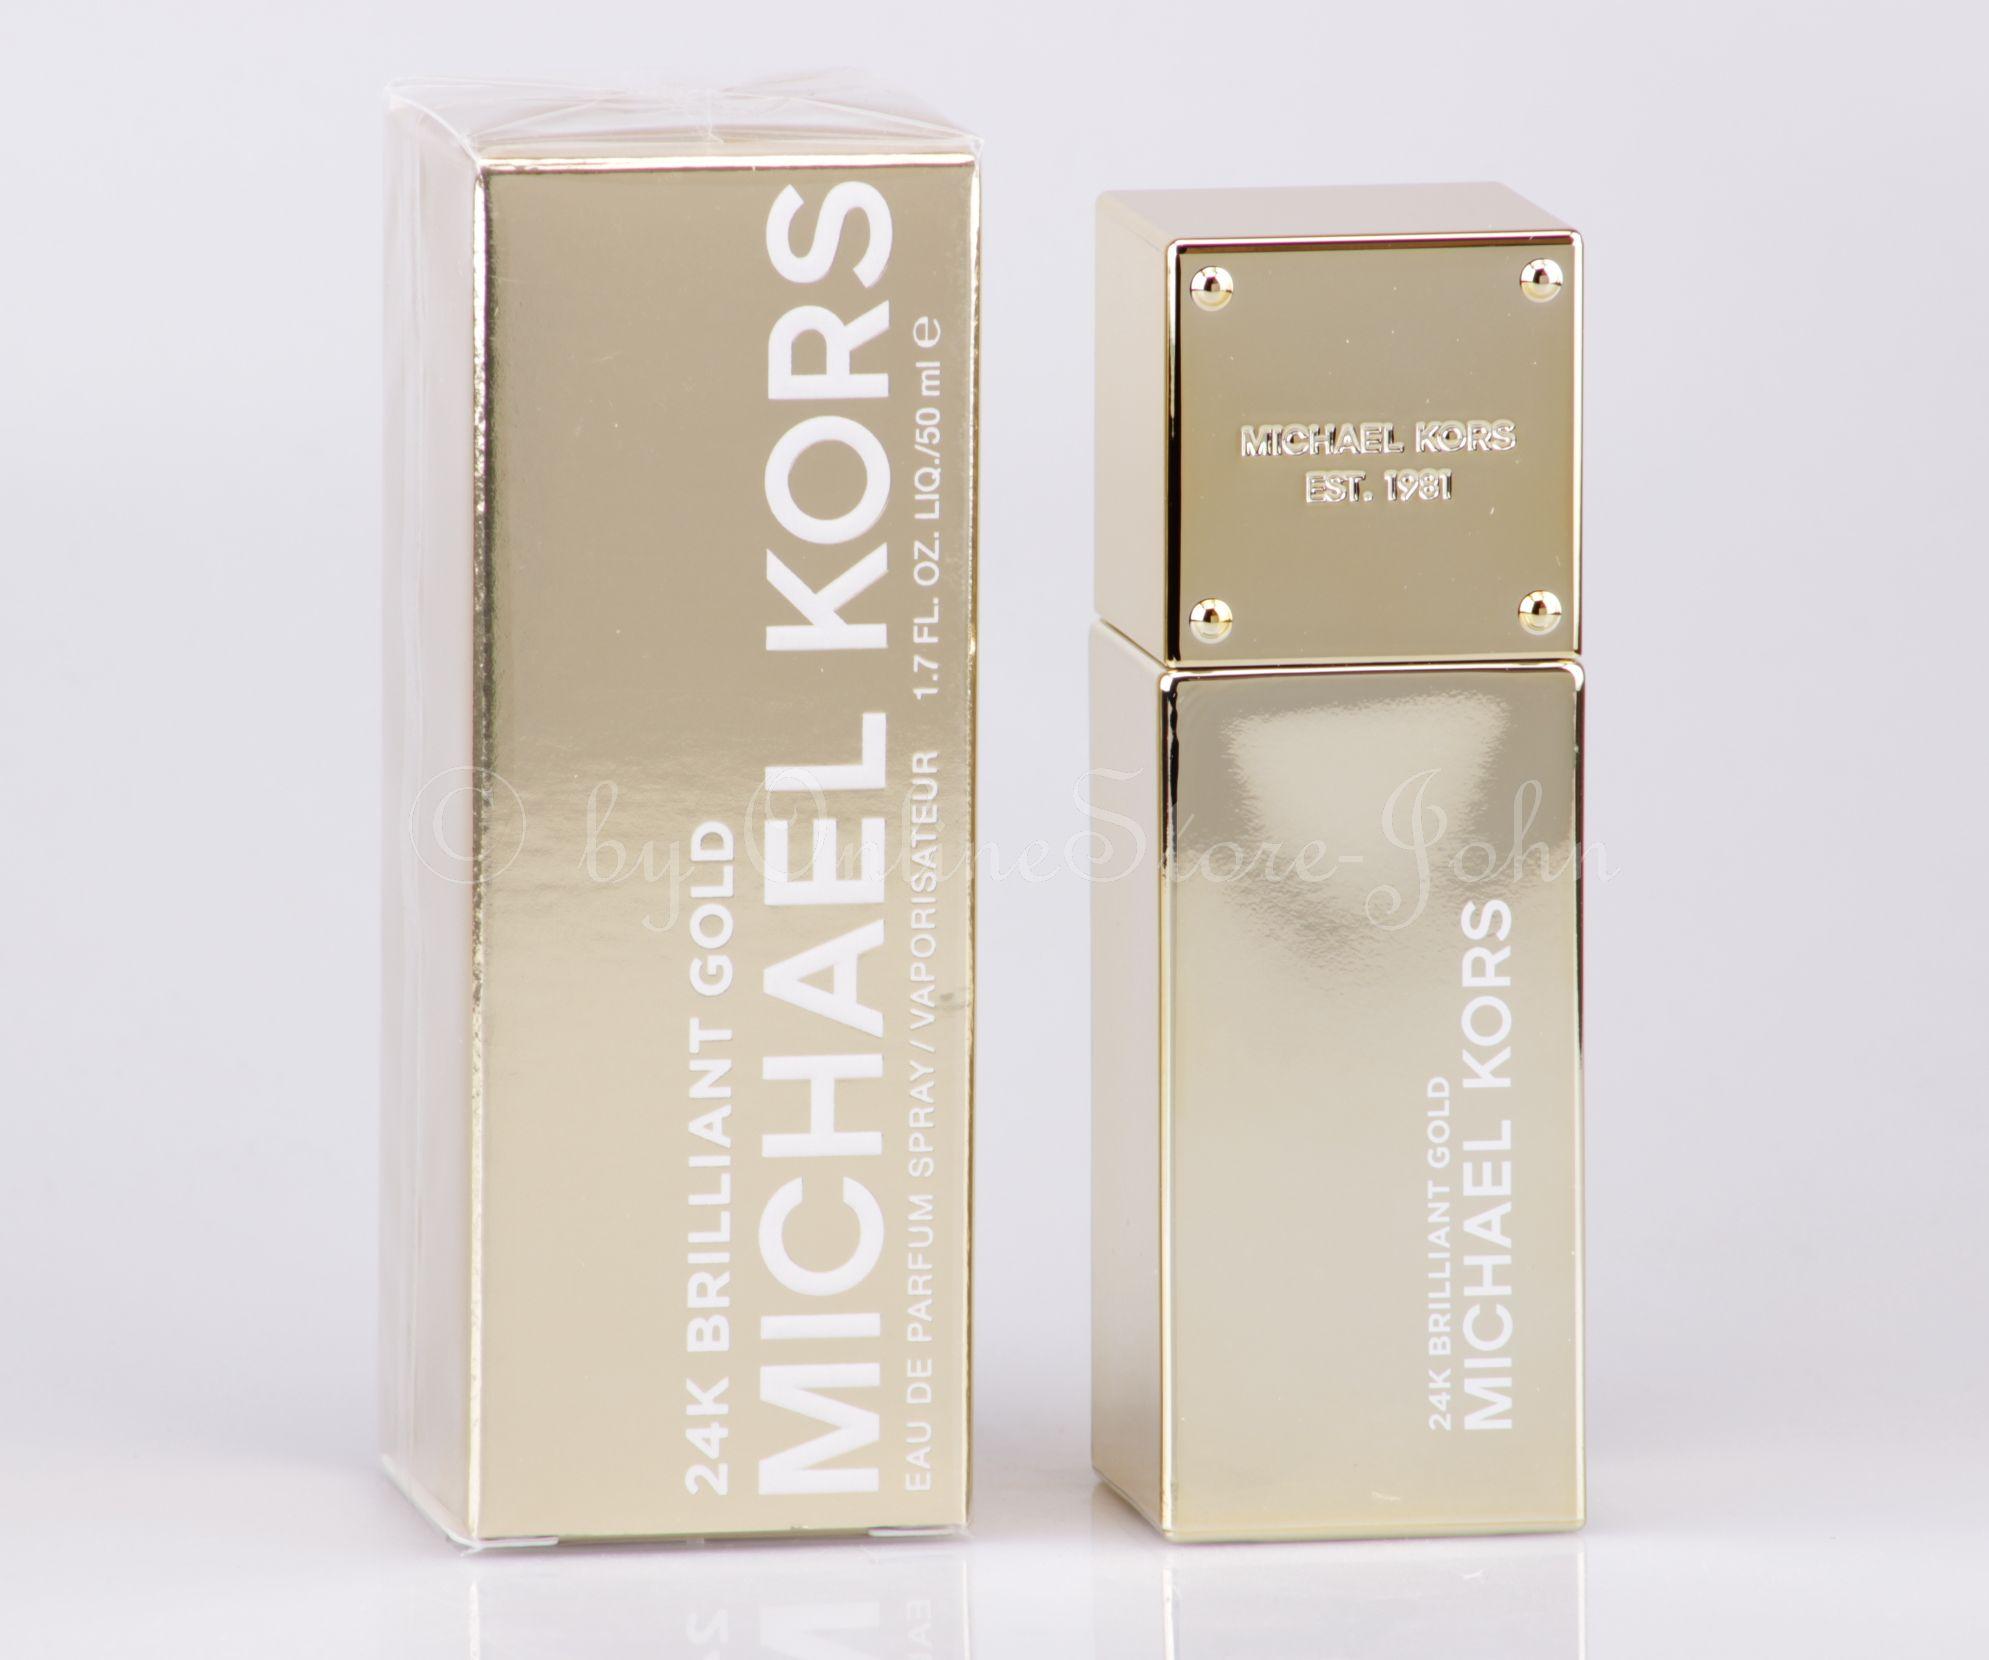 Michael Kors 24K Brilliant Gold 50ml EDP Eau de Parfum